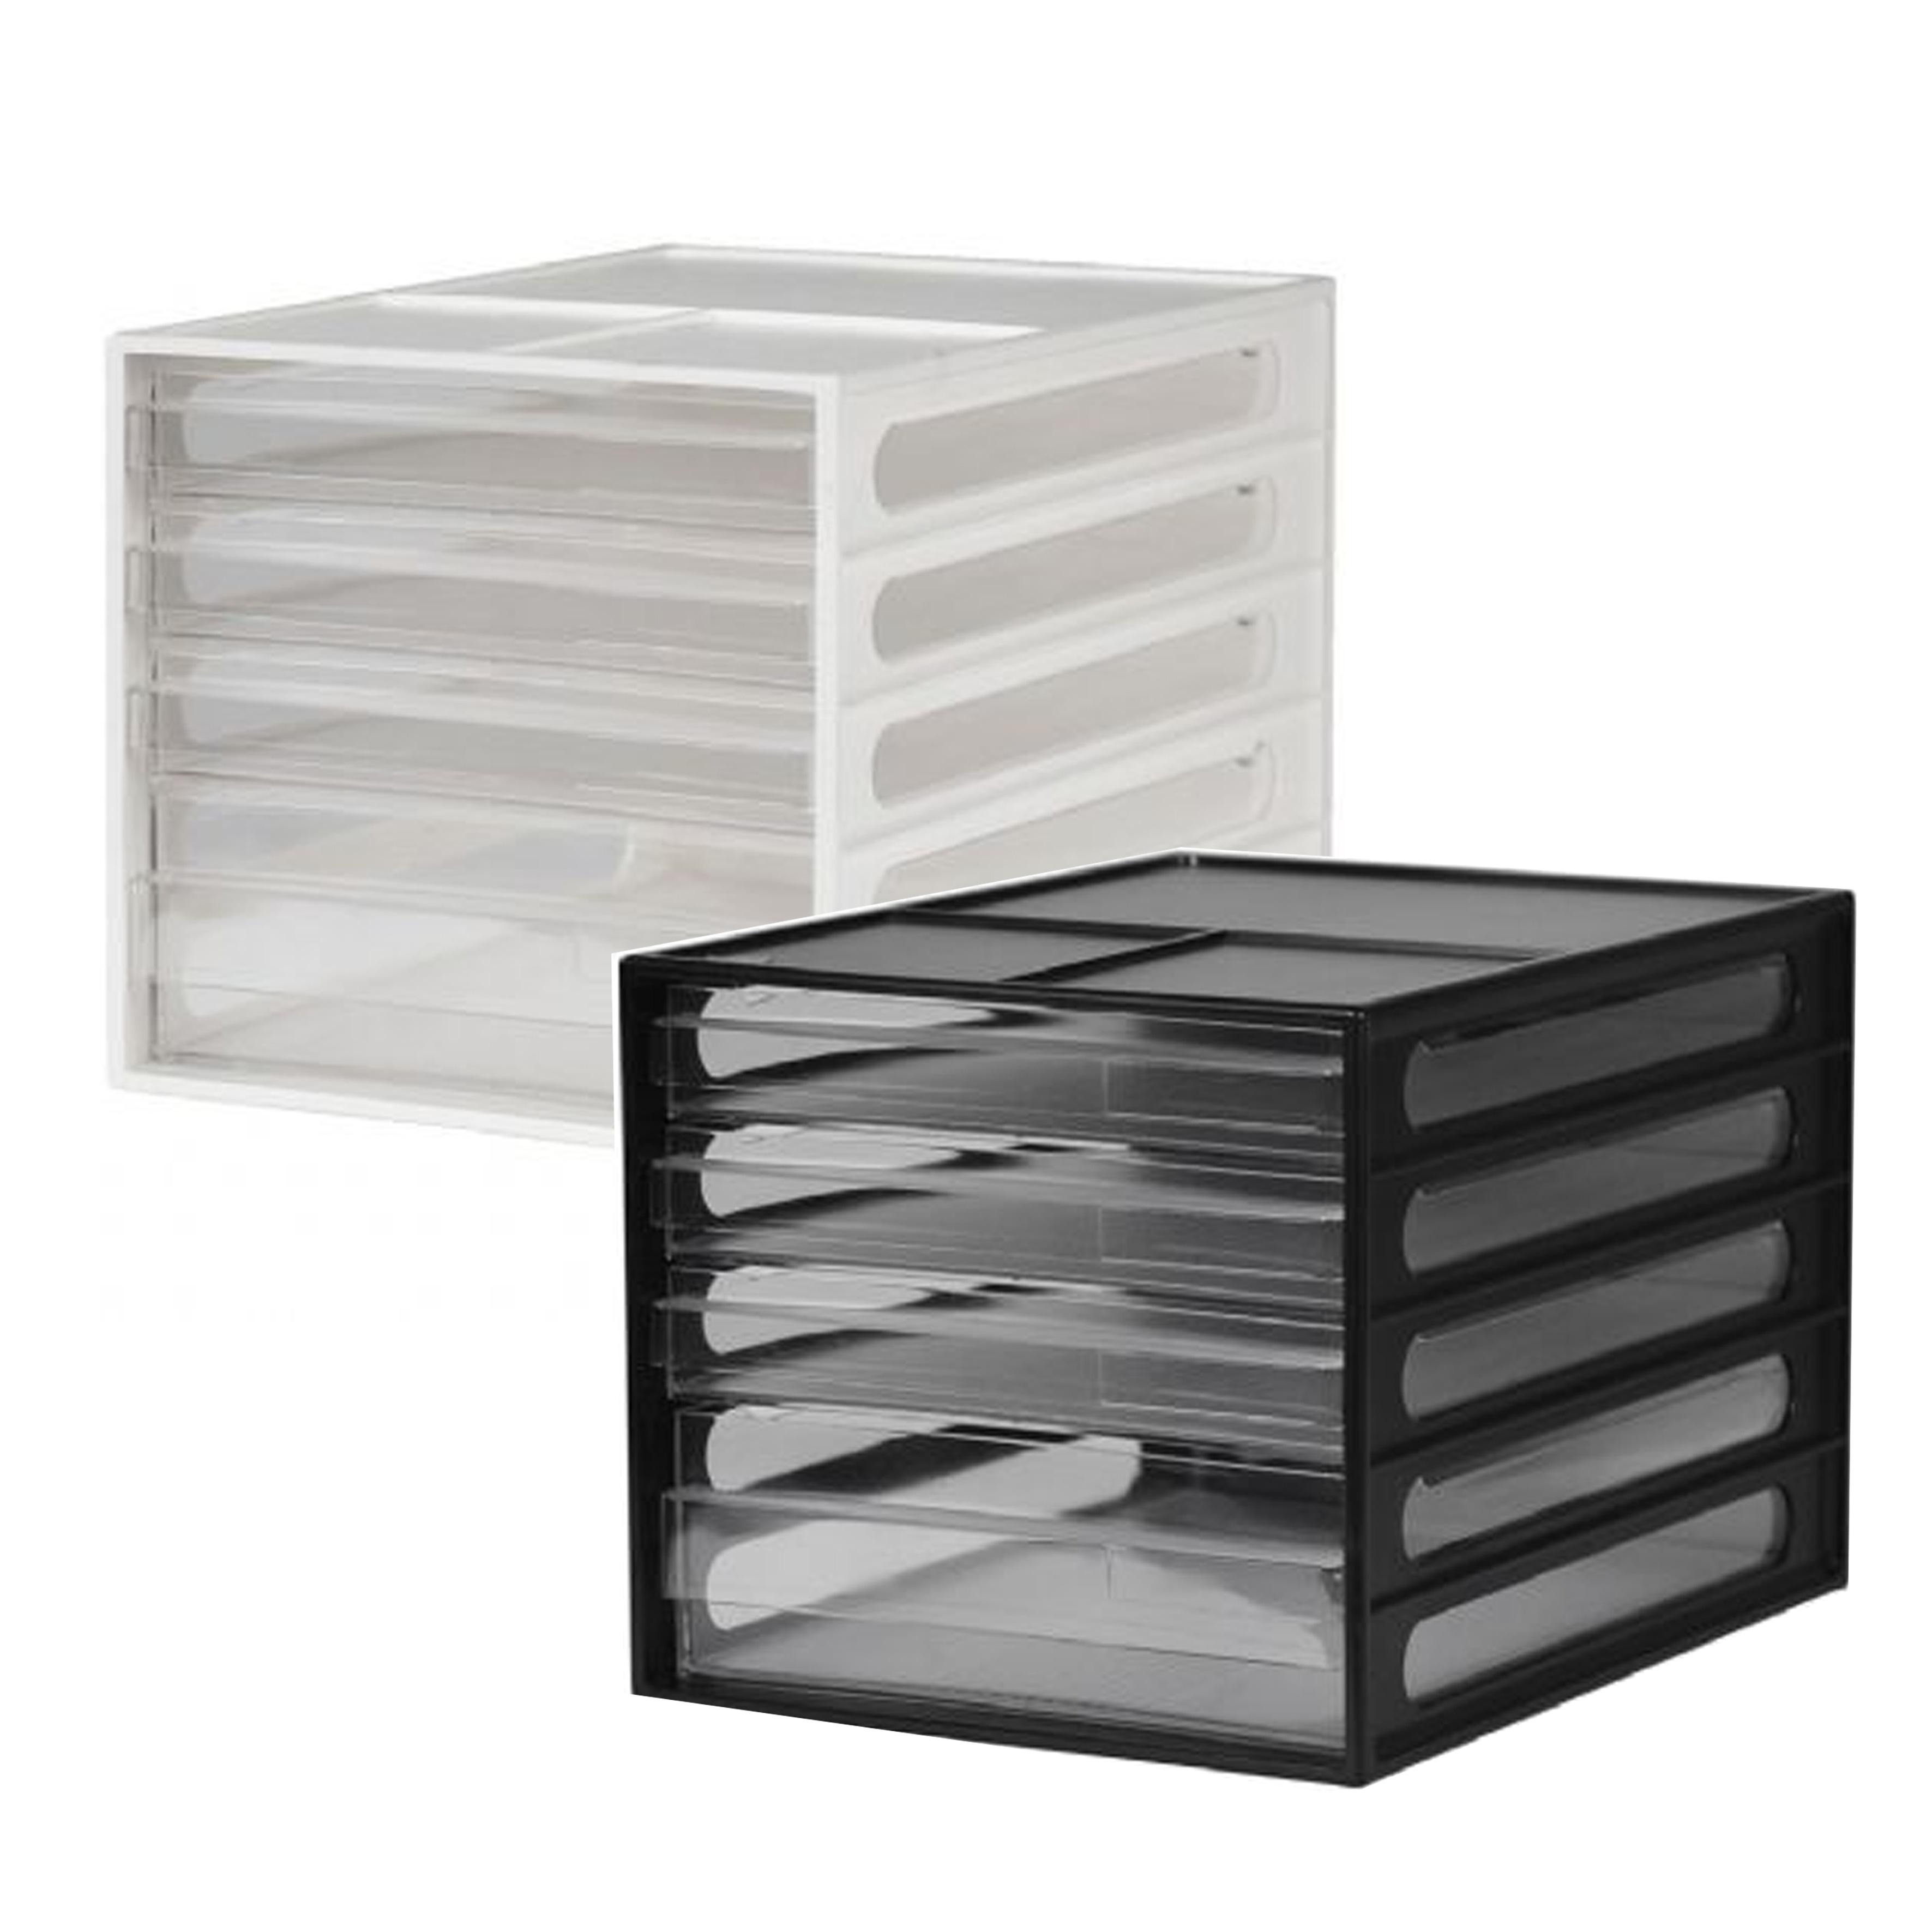 樹德桌上型資料櫃-白/黑 DD-1213